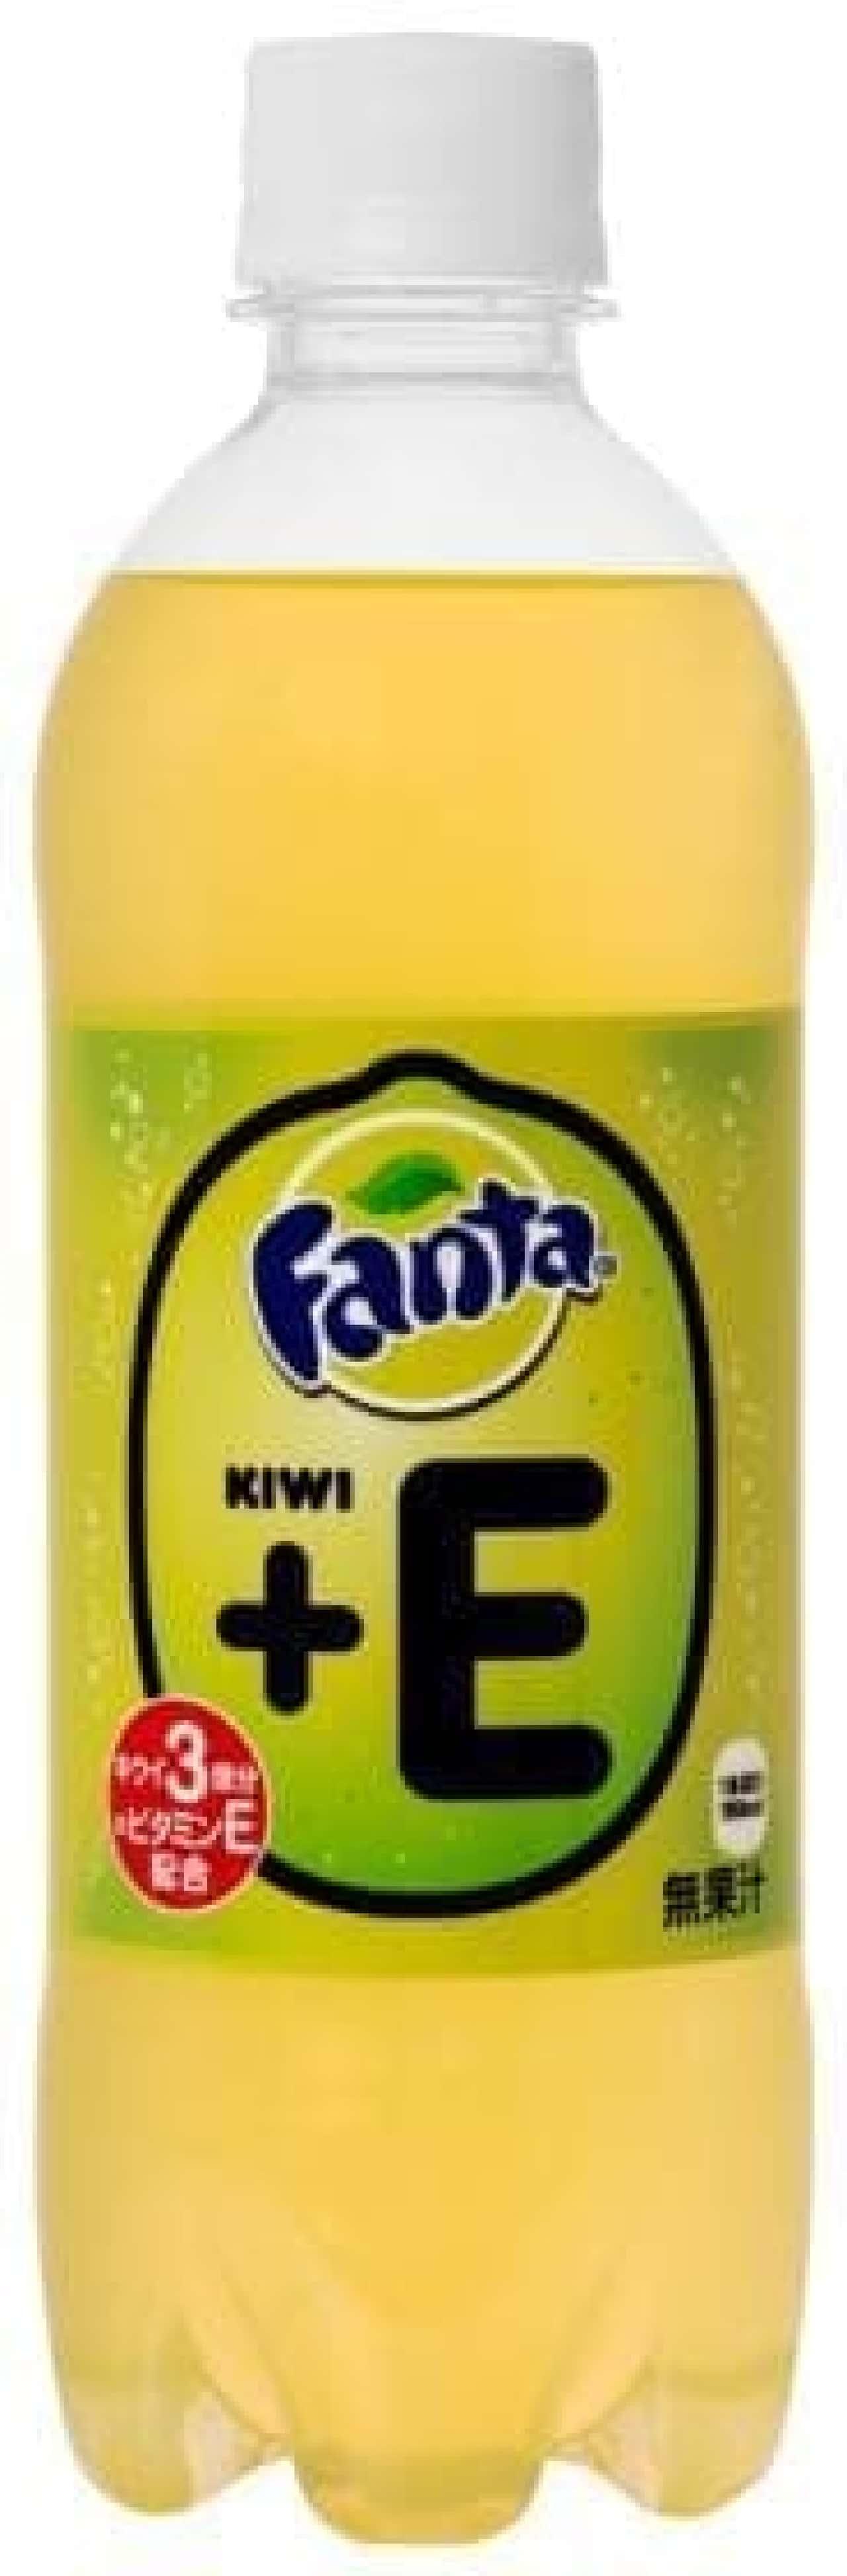 コカ・コーラシステム「ファンタ キウイ+E」